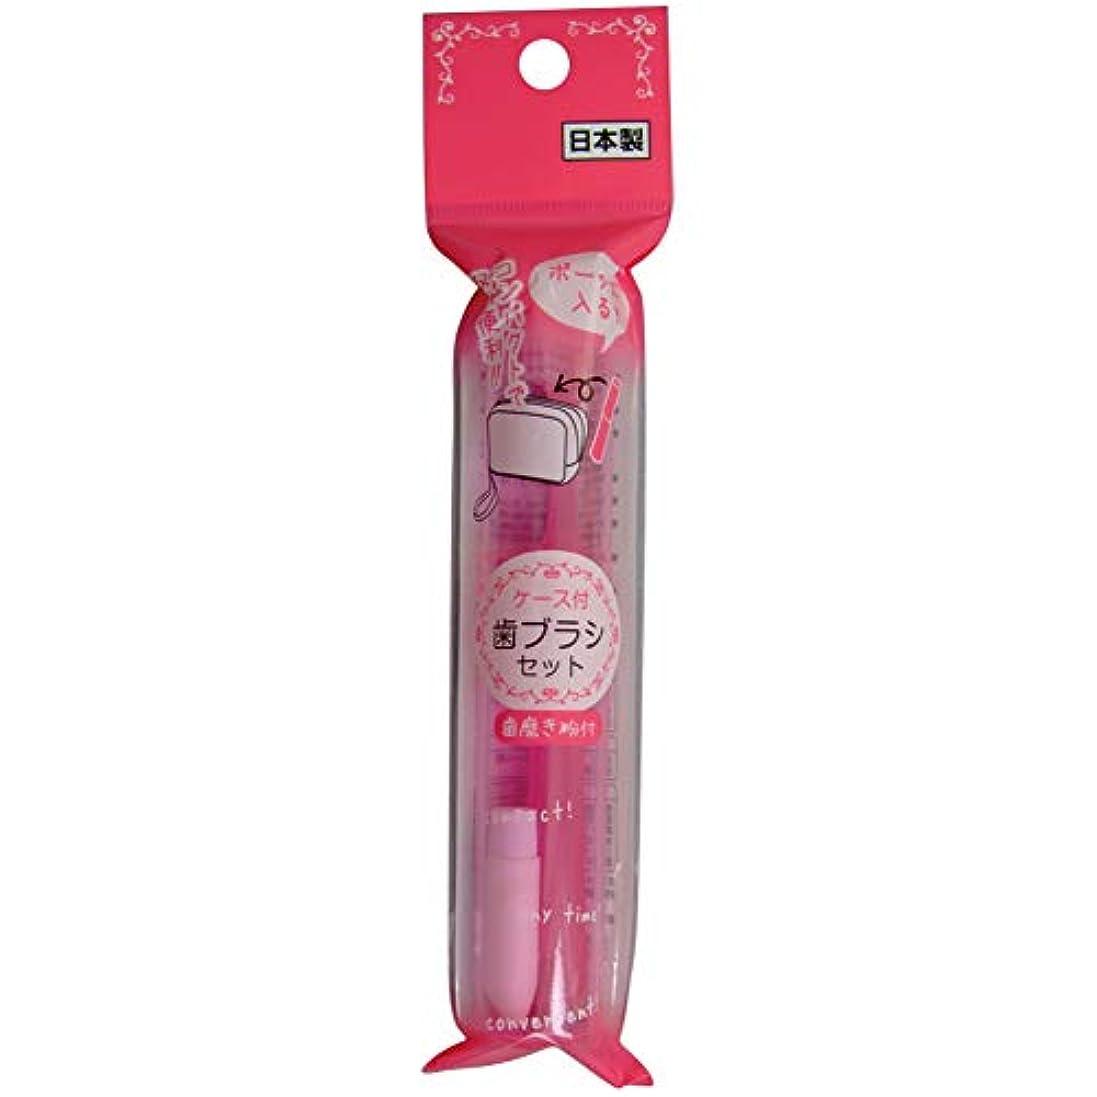 ホバー本質的ではない影響ポーチに入るケース付歯ブラシセット(日本製 japan) 【まとめ買い12個セット】 41-214